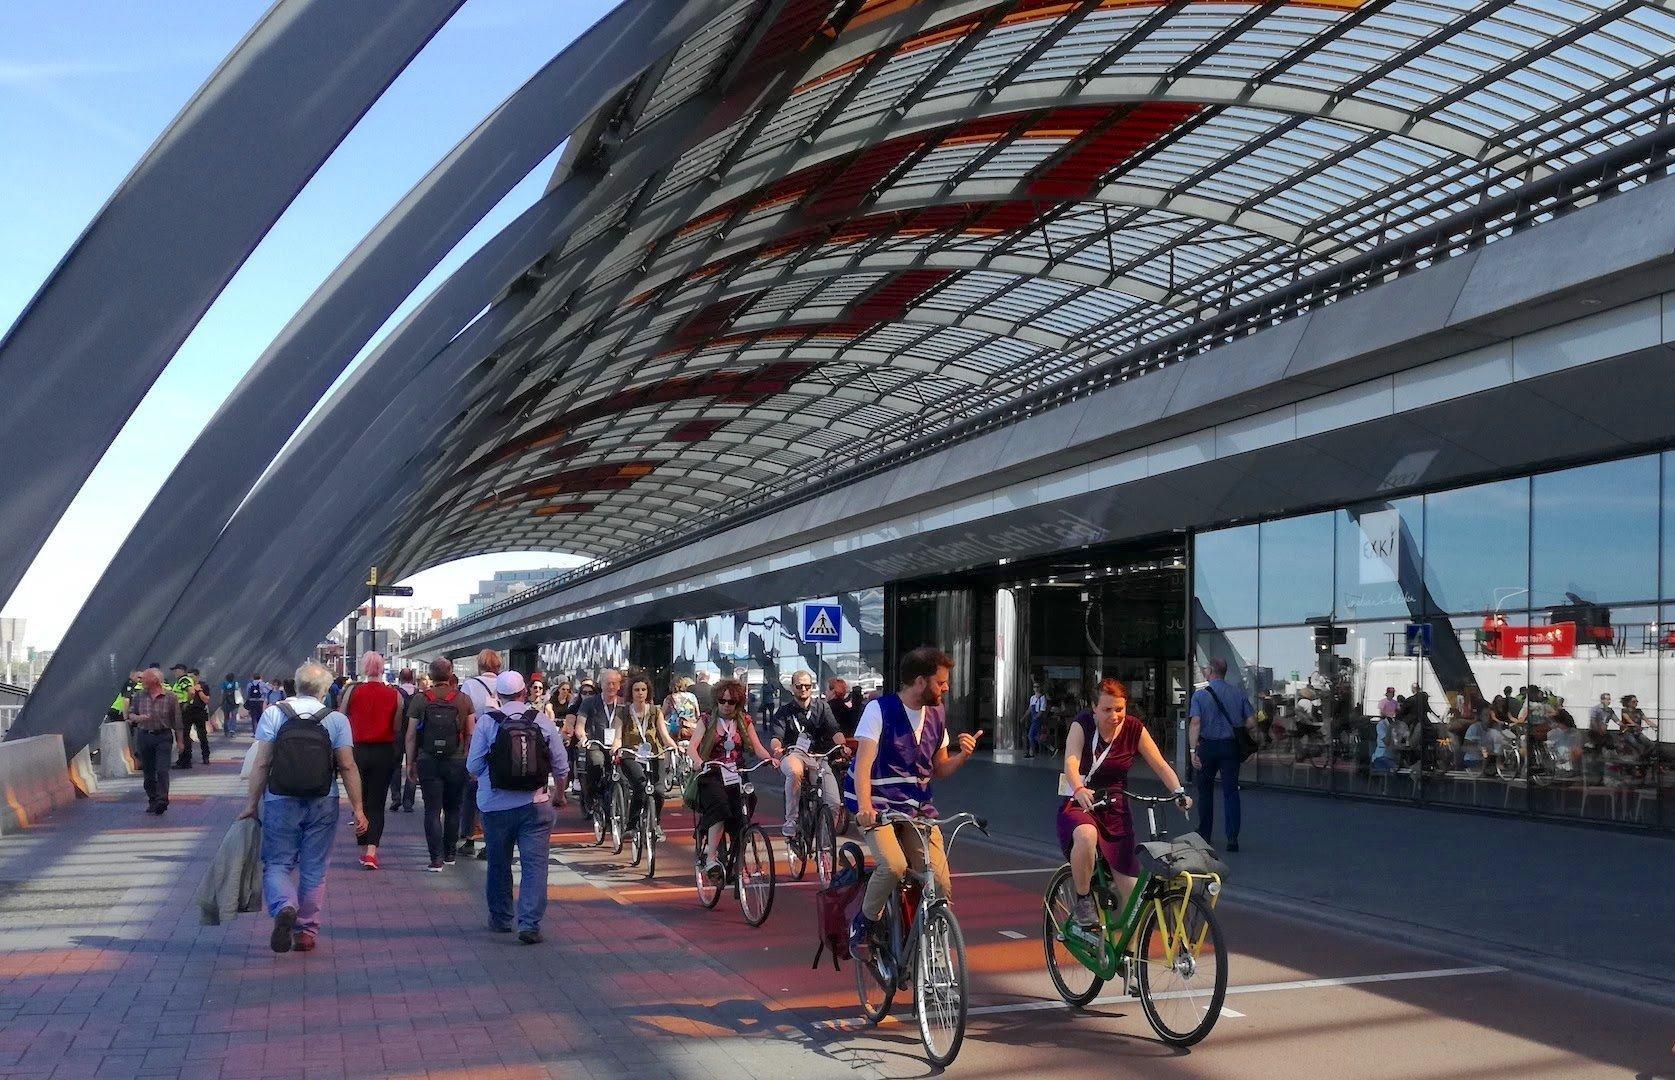 Vor dem Bahnhof verläuft ein Radweg, der von zahlreichen Fahrradfahrern frequentiert wird.